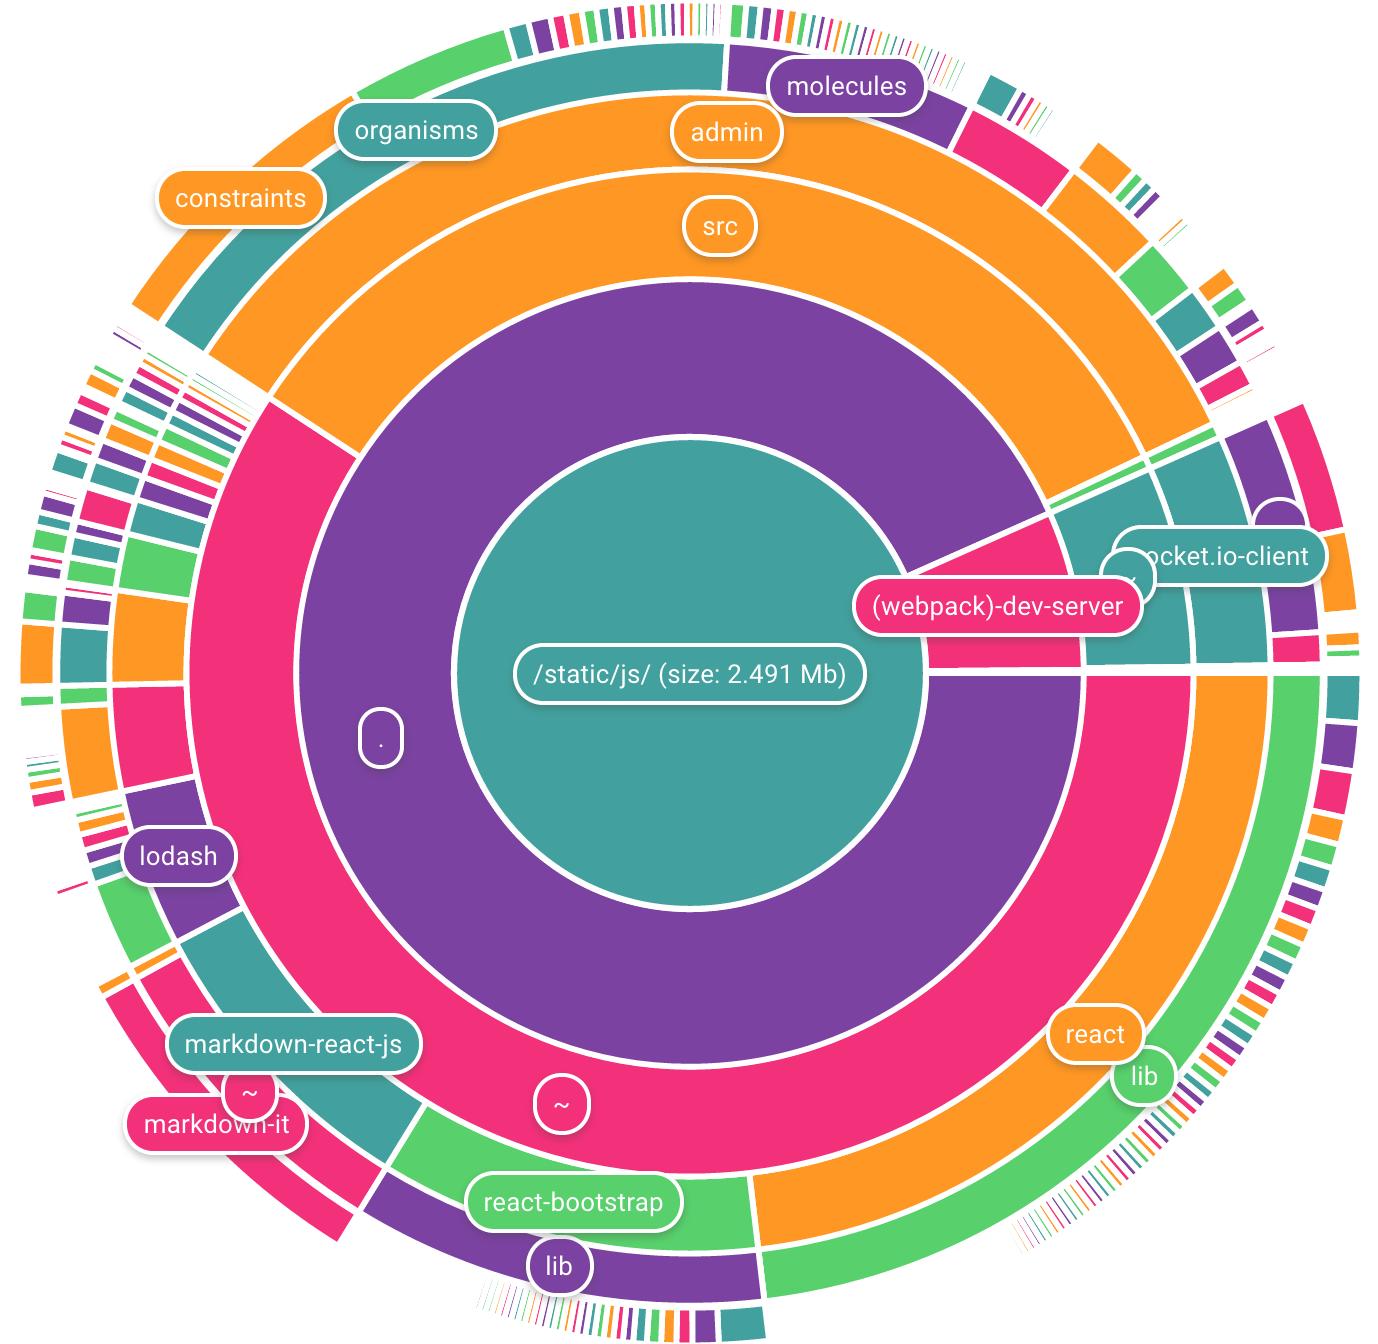 Lista dos melhores plugins javascript para criar grficos circulares lista dos melhores plugins javascript para criar grficos circulares upmasters developer design and mobile blog ccuart Images